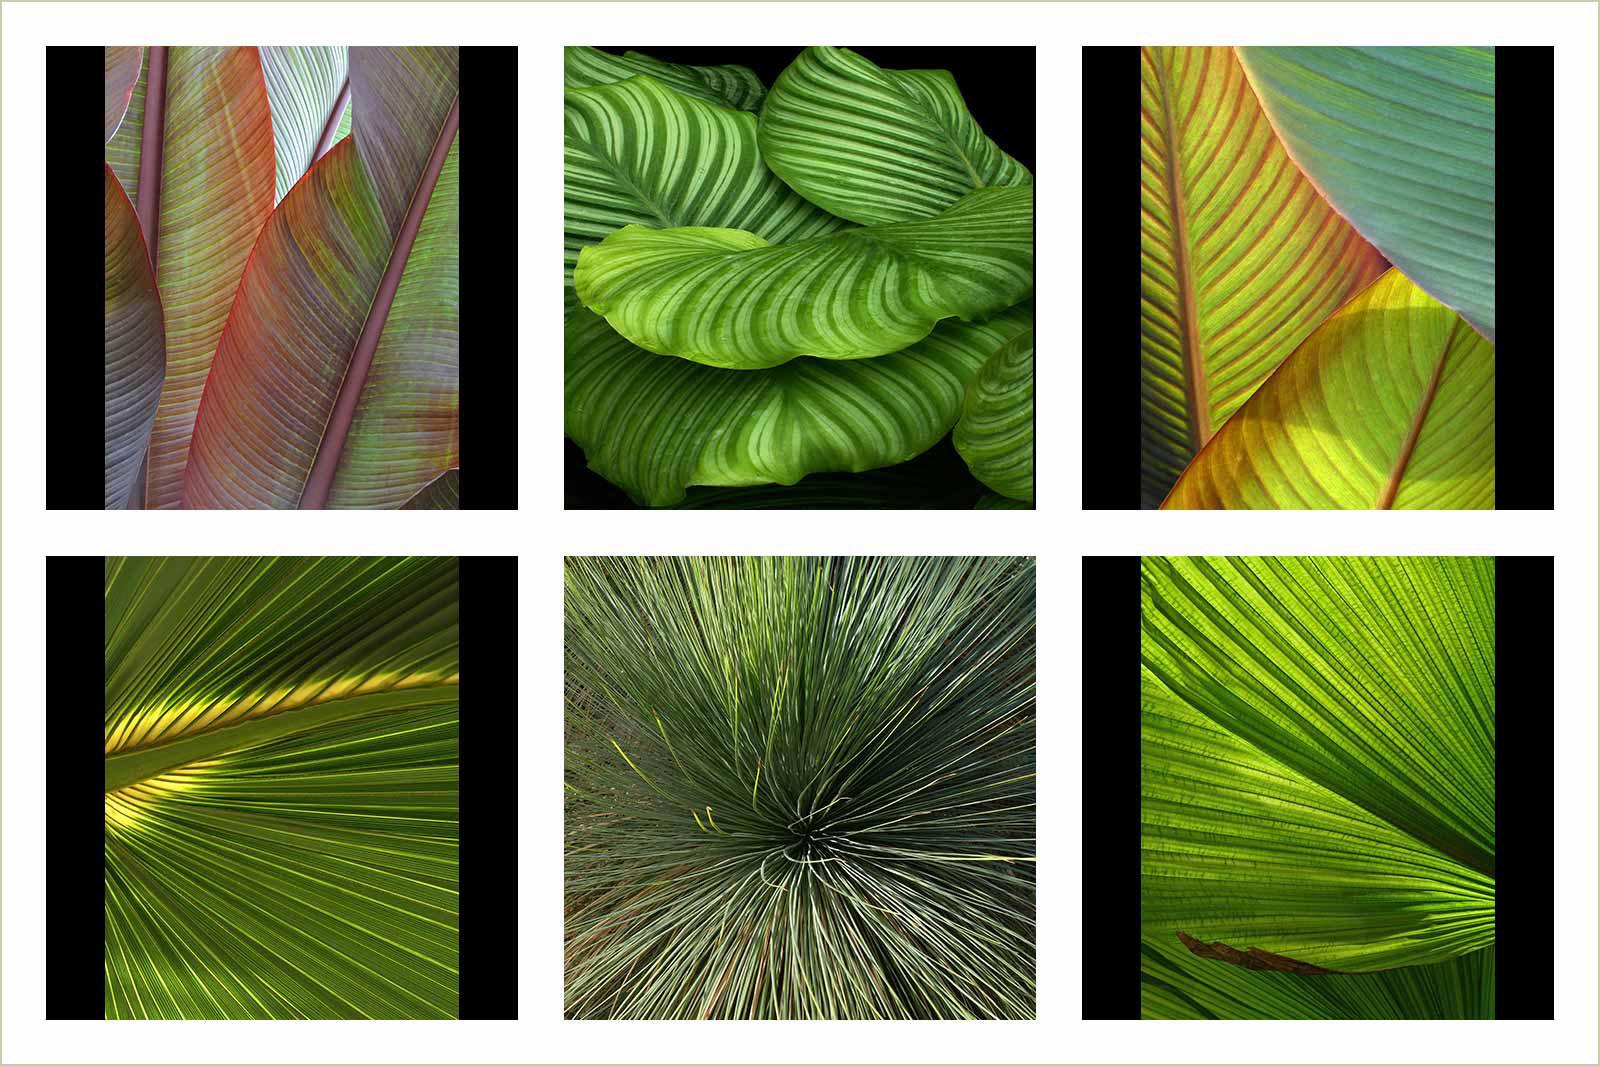 Абстрактные изображения сада Вислей, © Найджел Чепмен, Золотая медаль категории «Портфолио», Фотоконкурс RHS Photographic